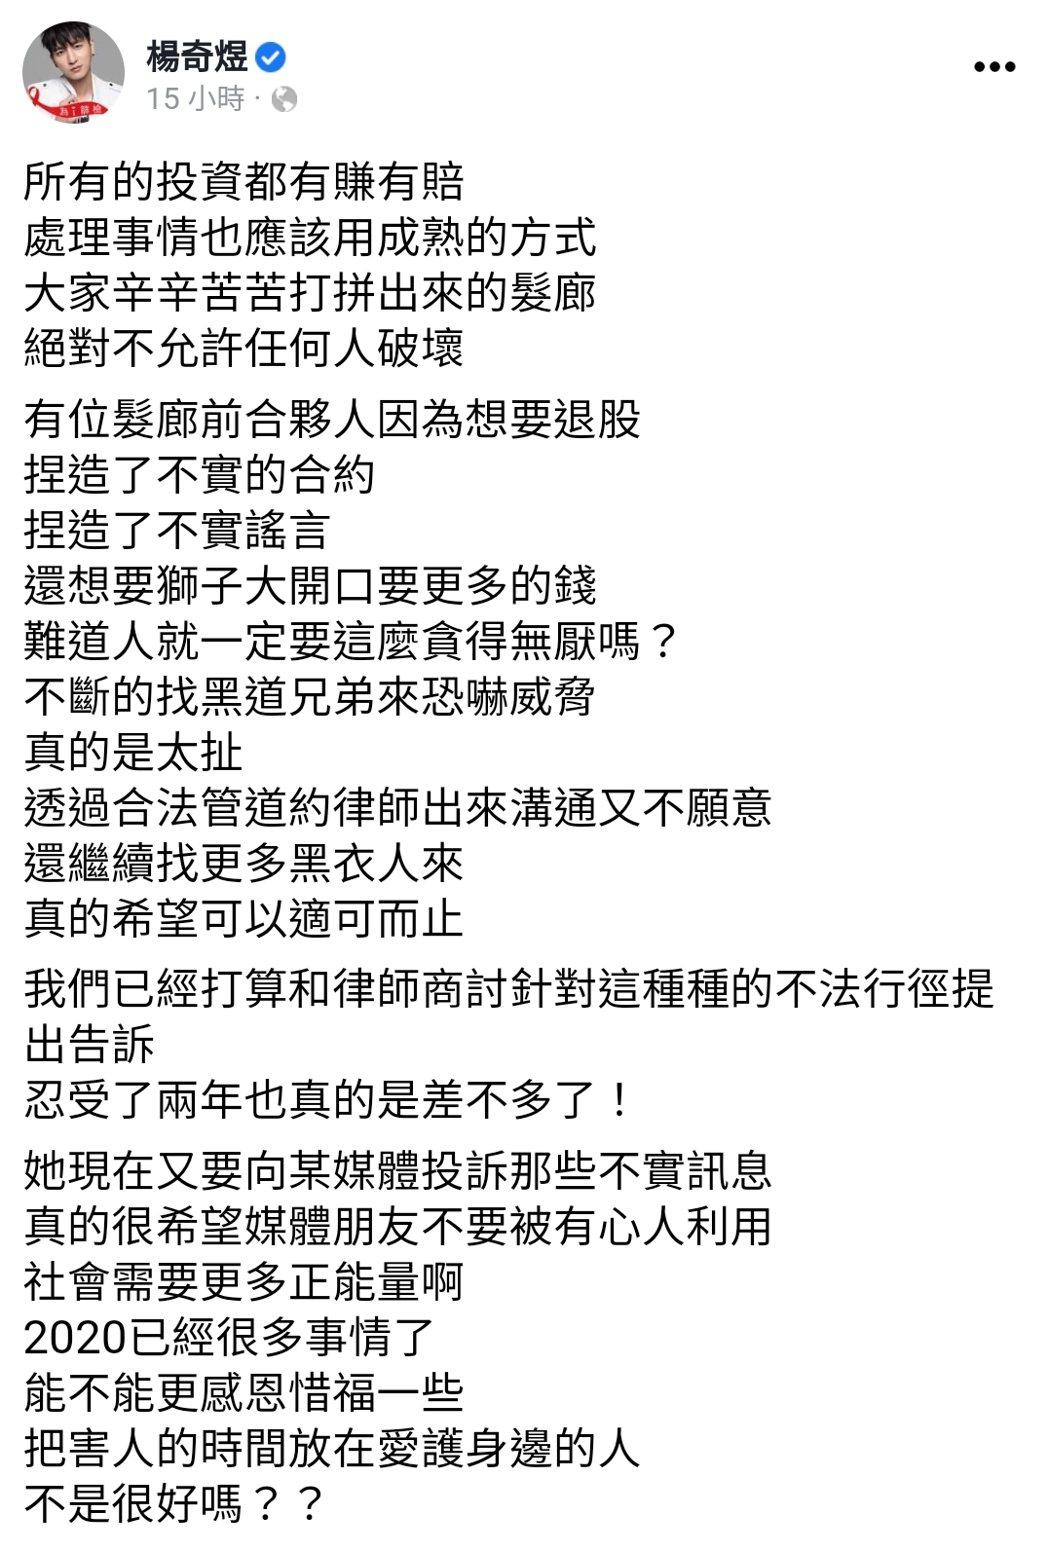 小煜自曝與髮廊合夥人的糾紛。 圖/擷自楊奇煜臉書